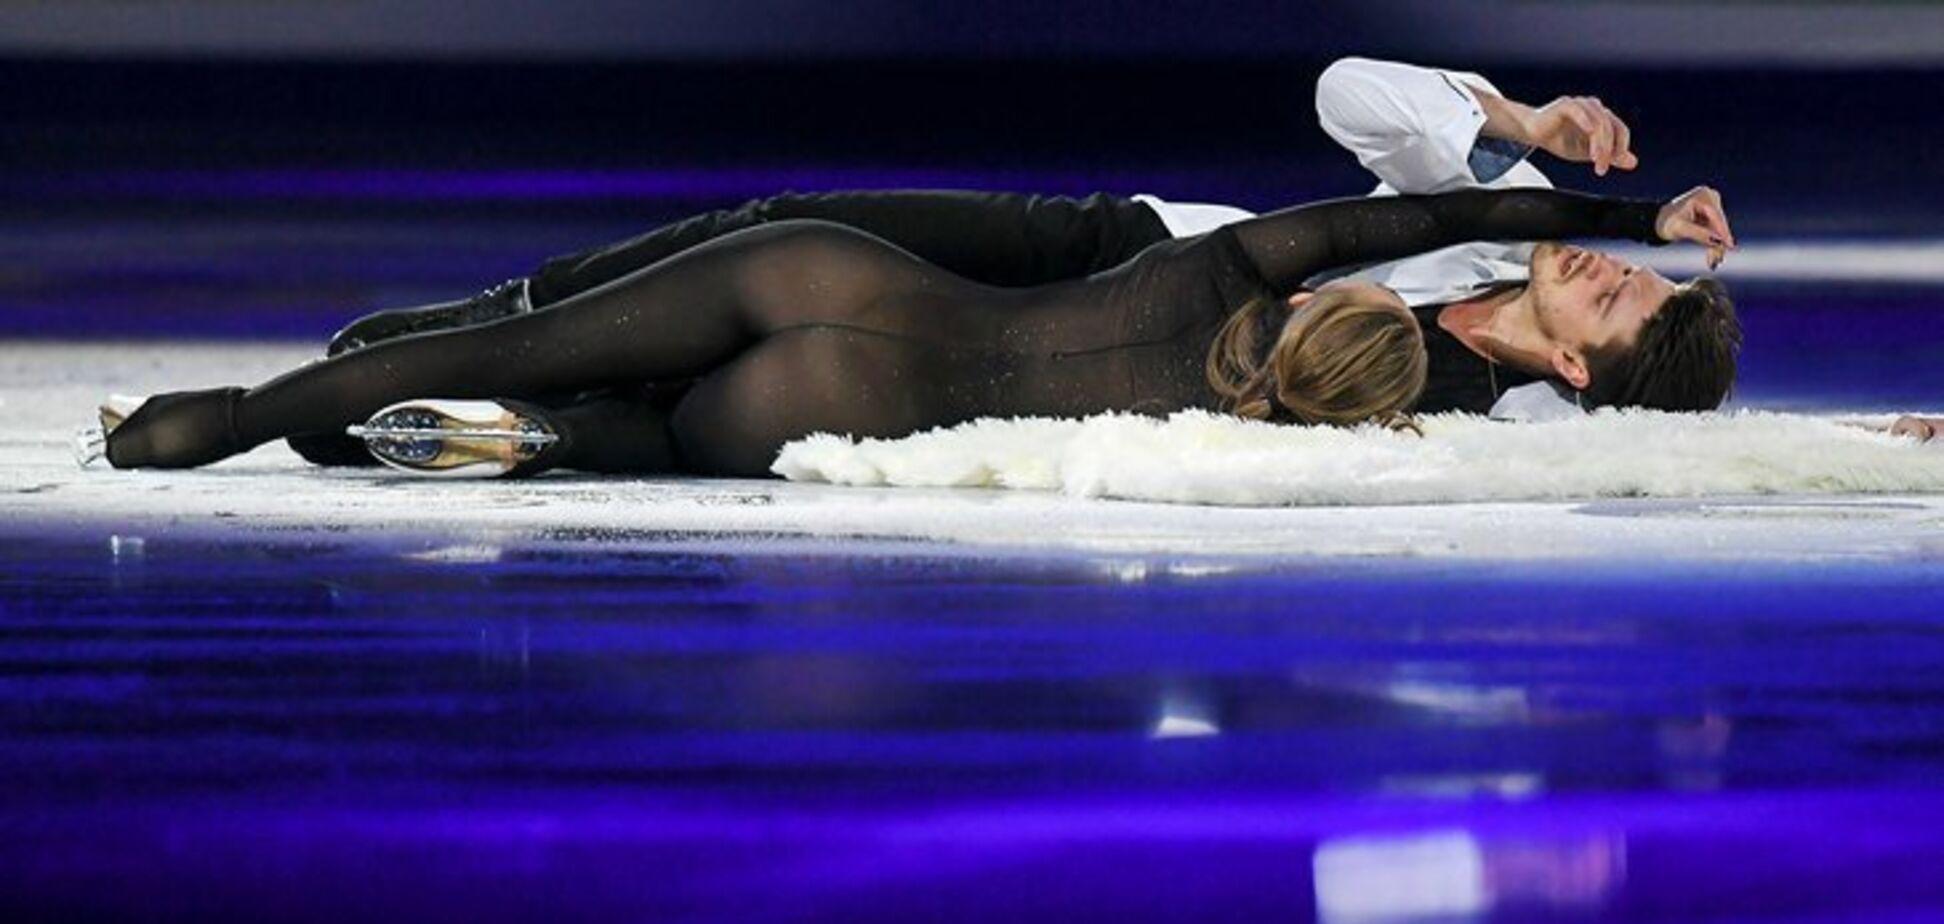 Видно все: російська фігуристка виступила в незвичайному ''голому'' костюмі